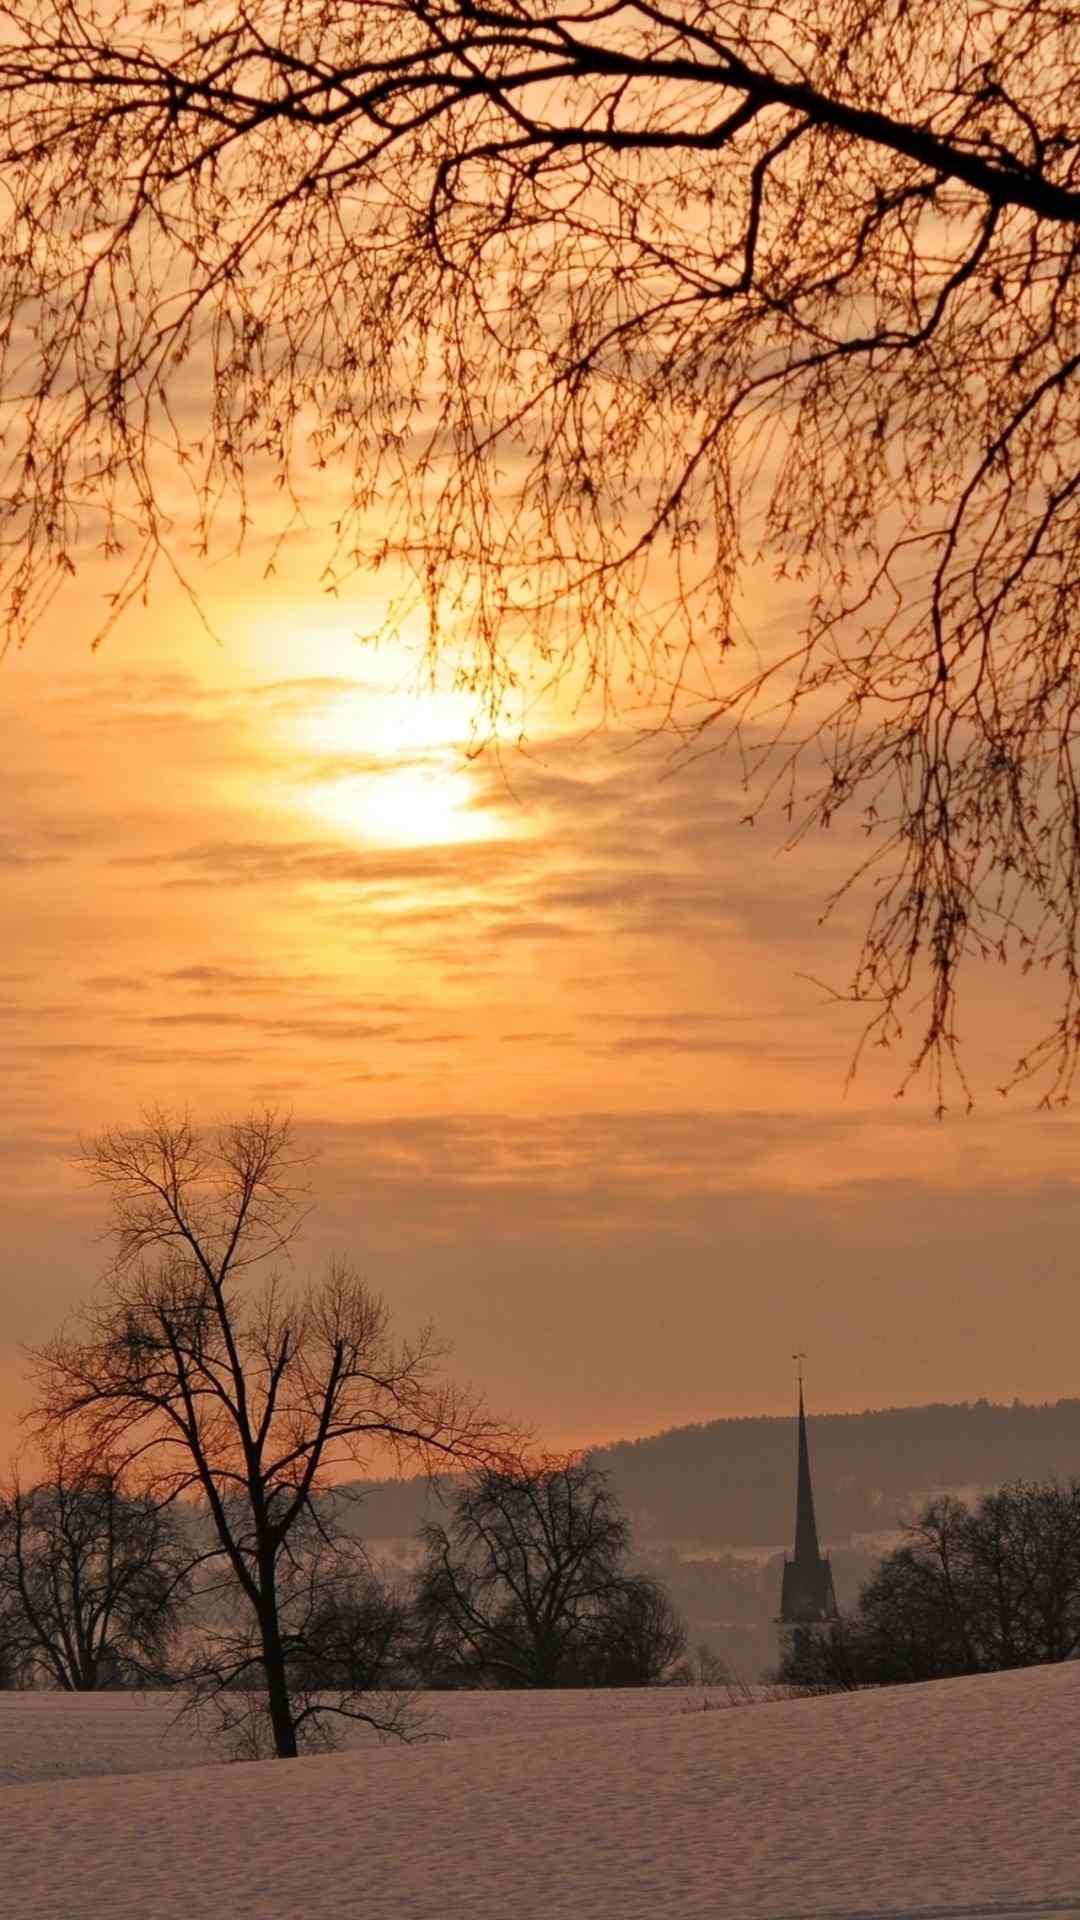 唯美夕阳下的雪景高清手机壁纸